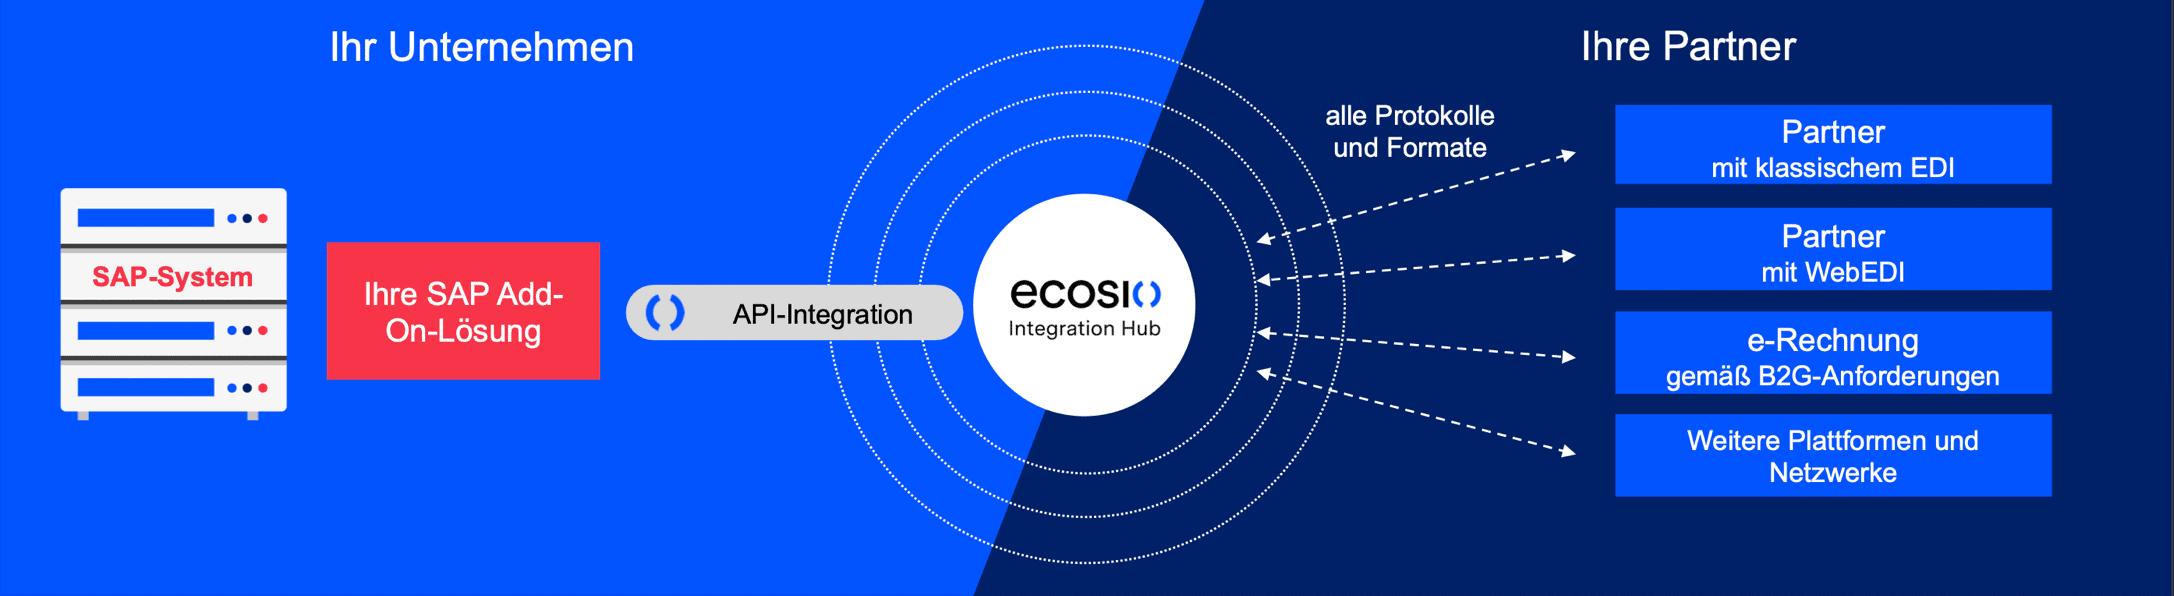 Nahtlose Integration via API